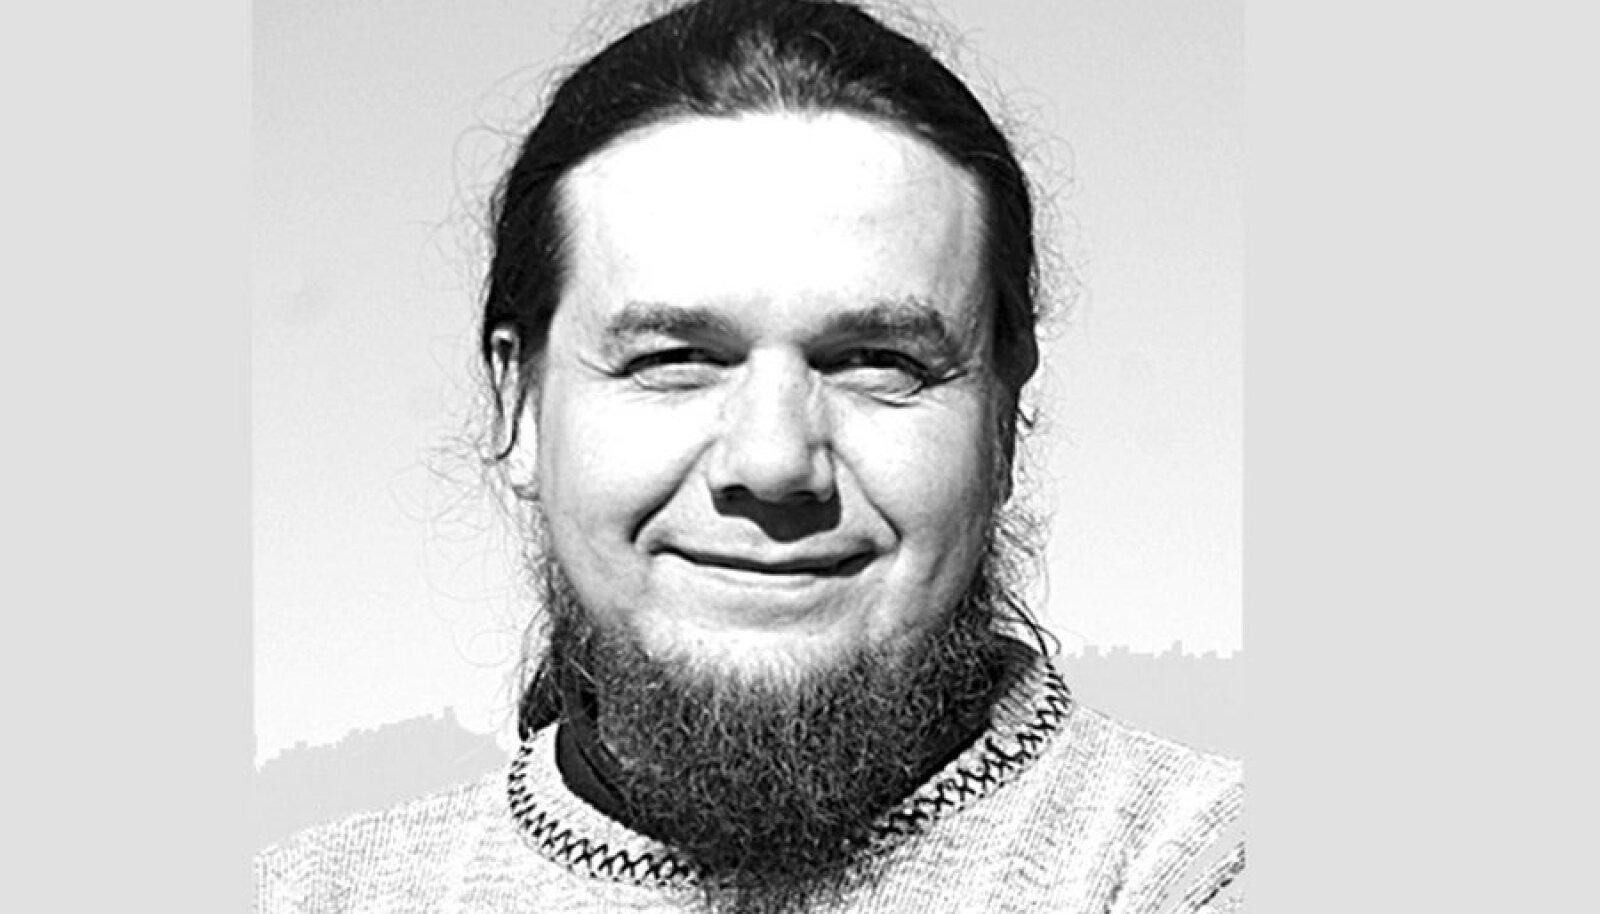 Ahto Kaasik